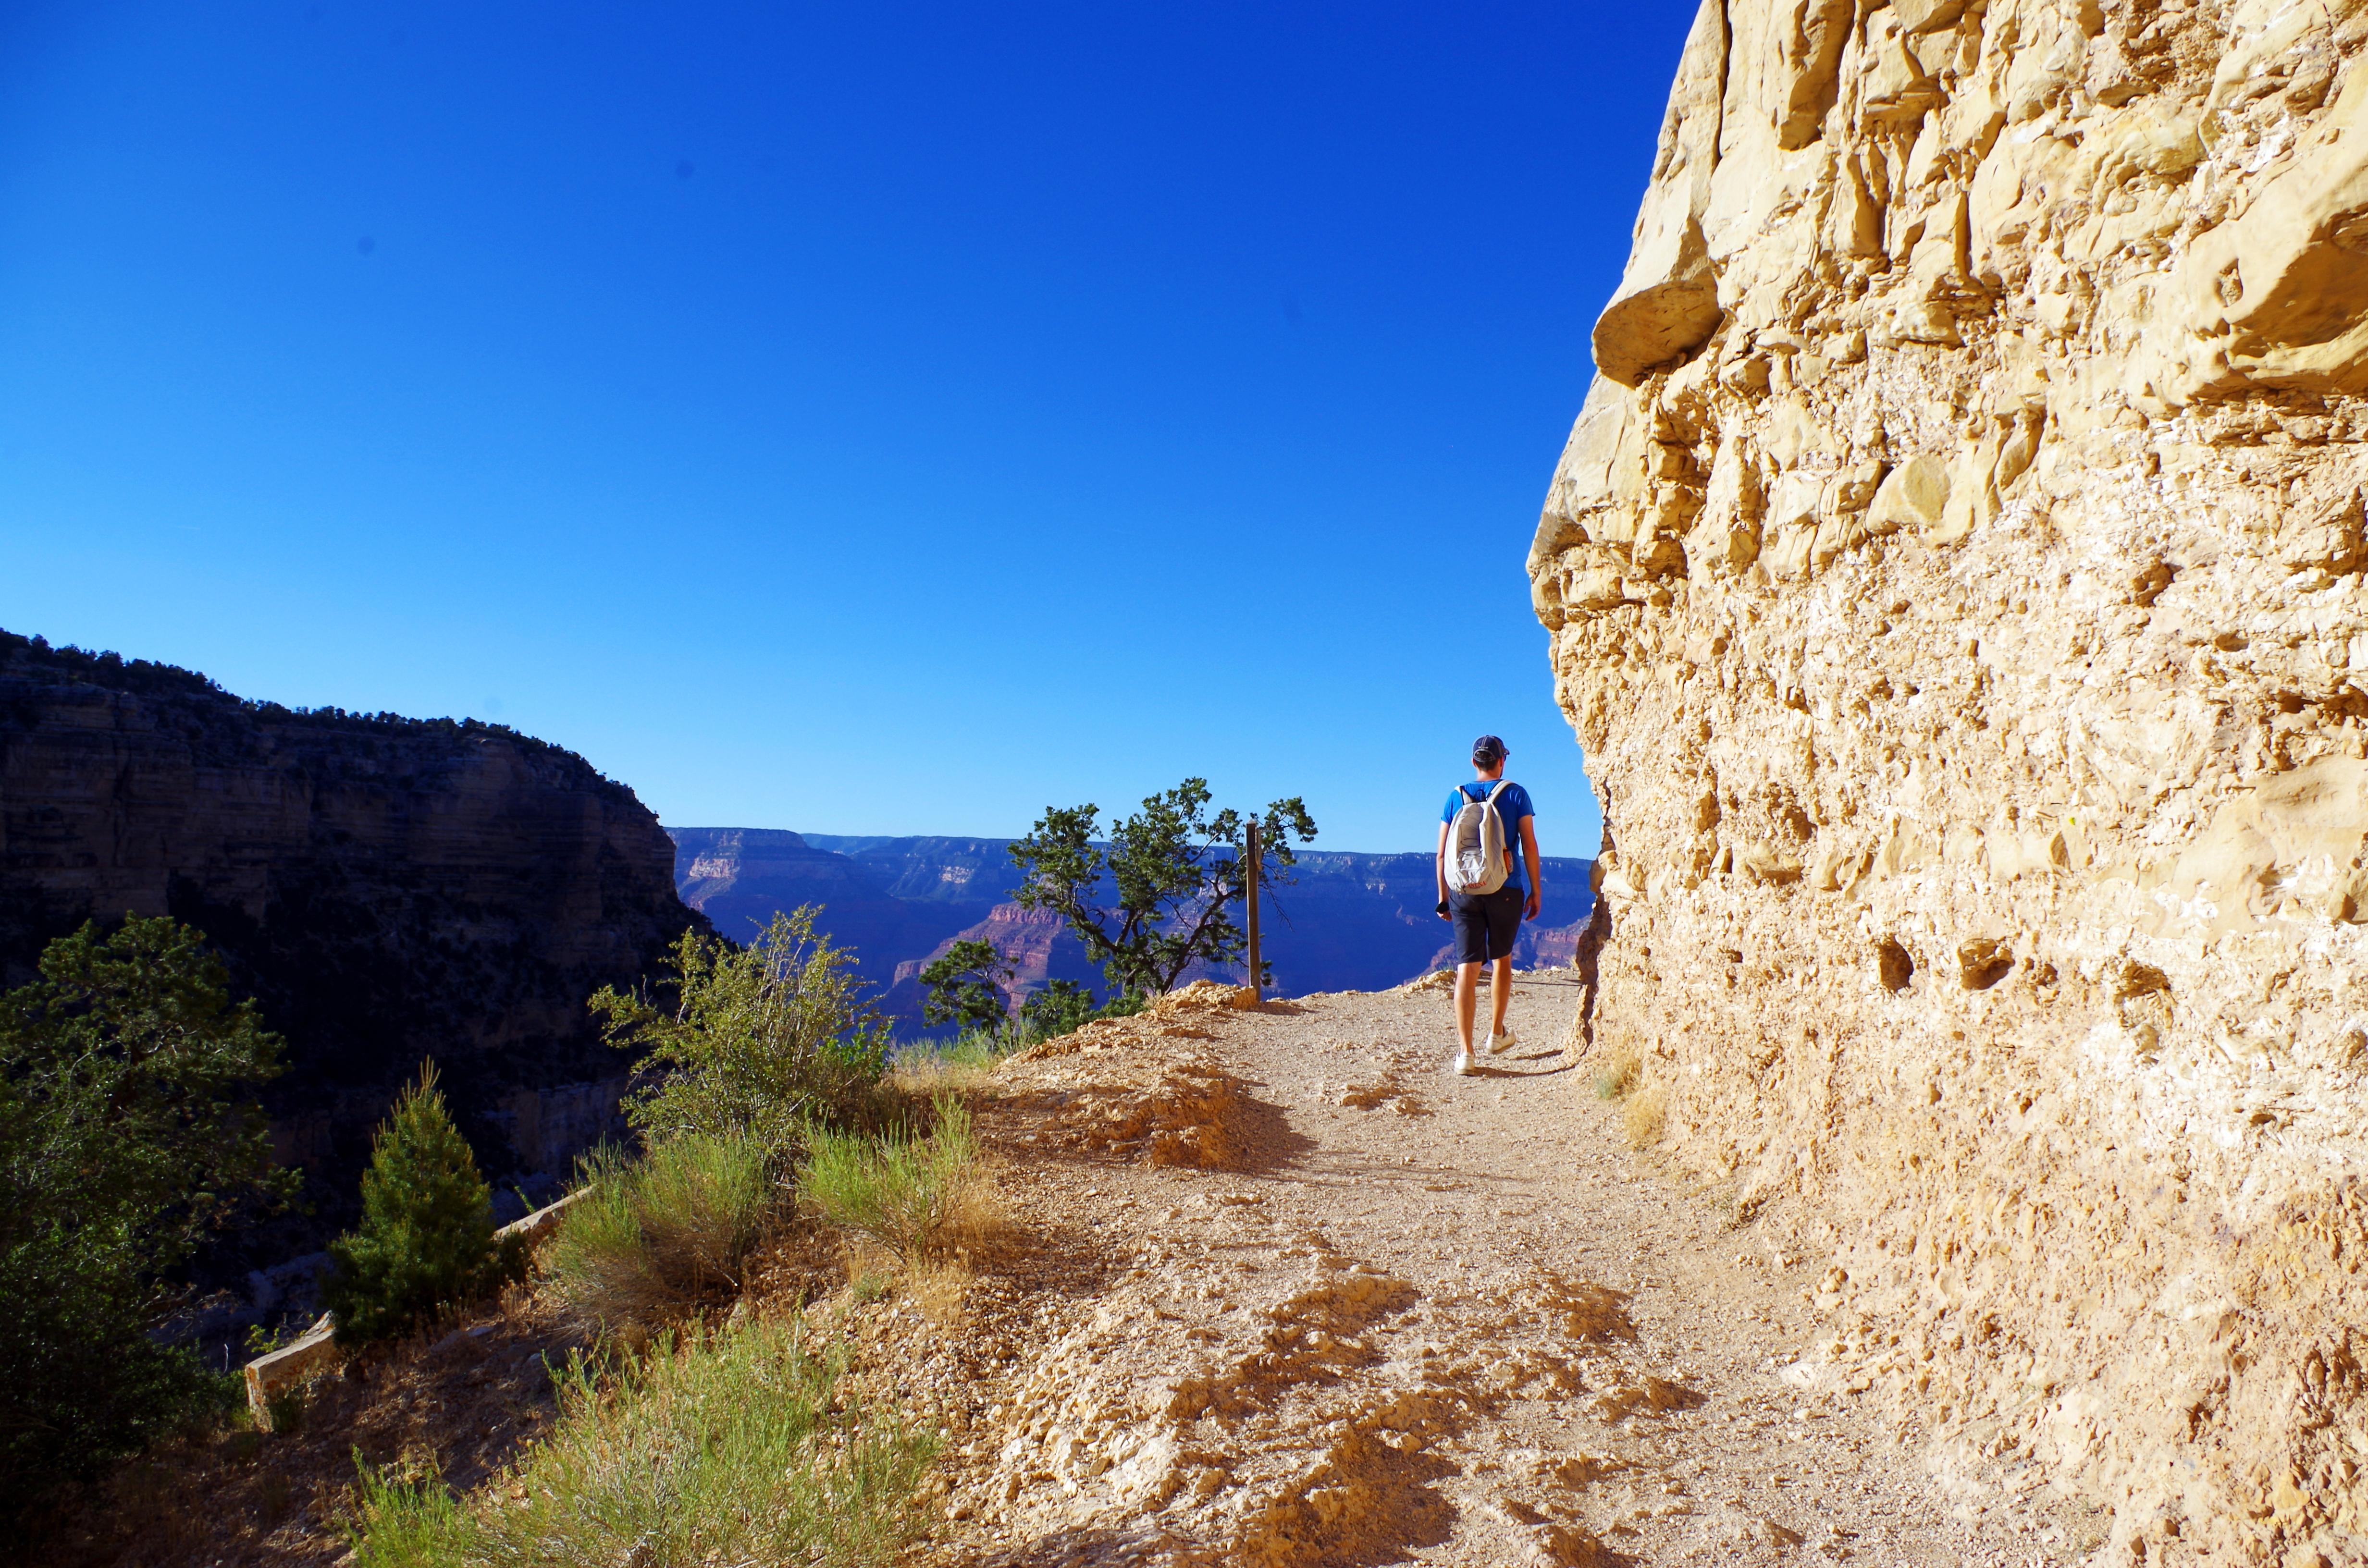 Der Bright Angel Trail bietet eine anspruchsvolle Wanderung mit tollen Aussichten (Achtung: Überschätzt Euch nicht und geht nicht zu weit nach unten)